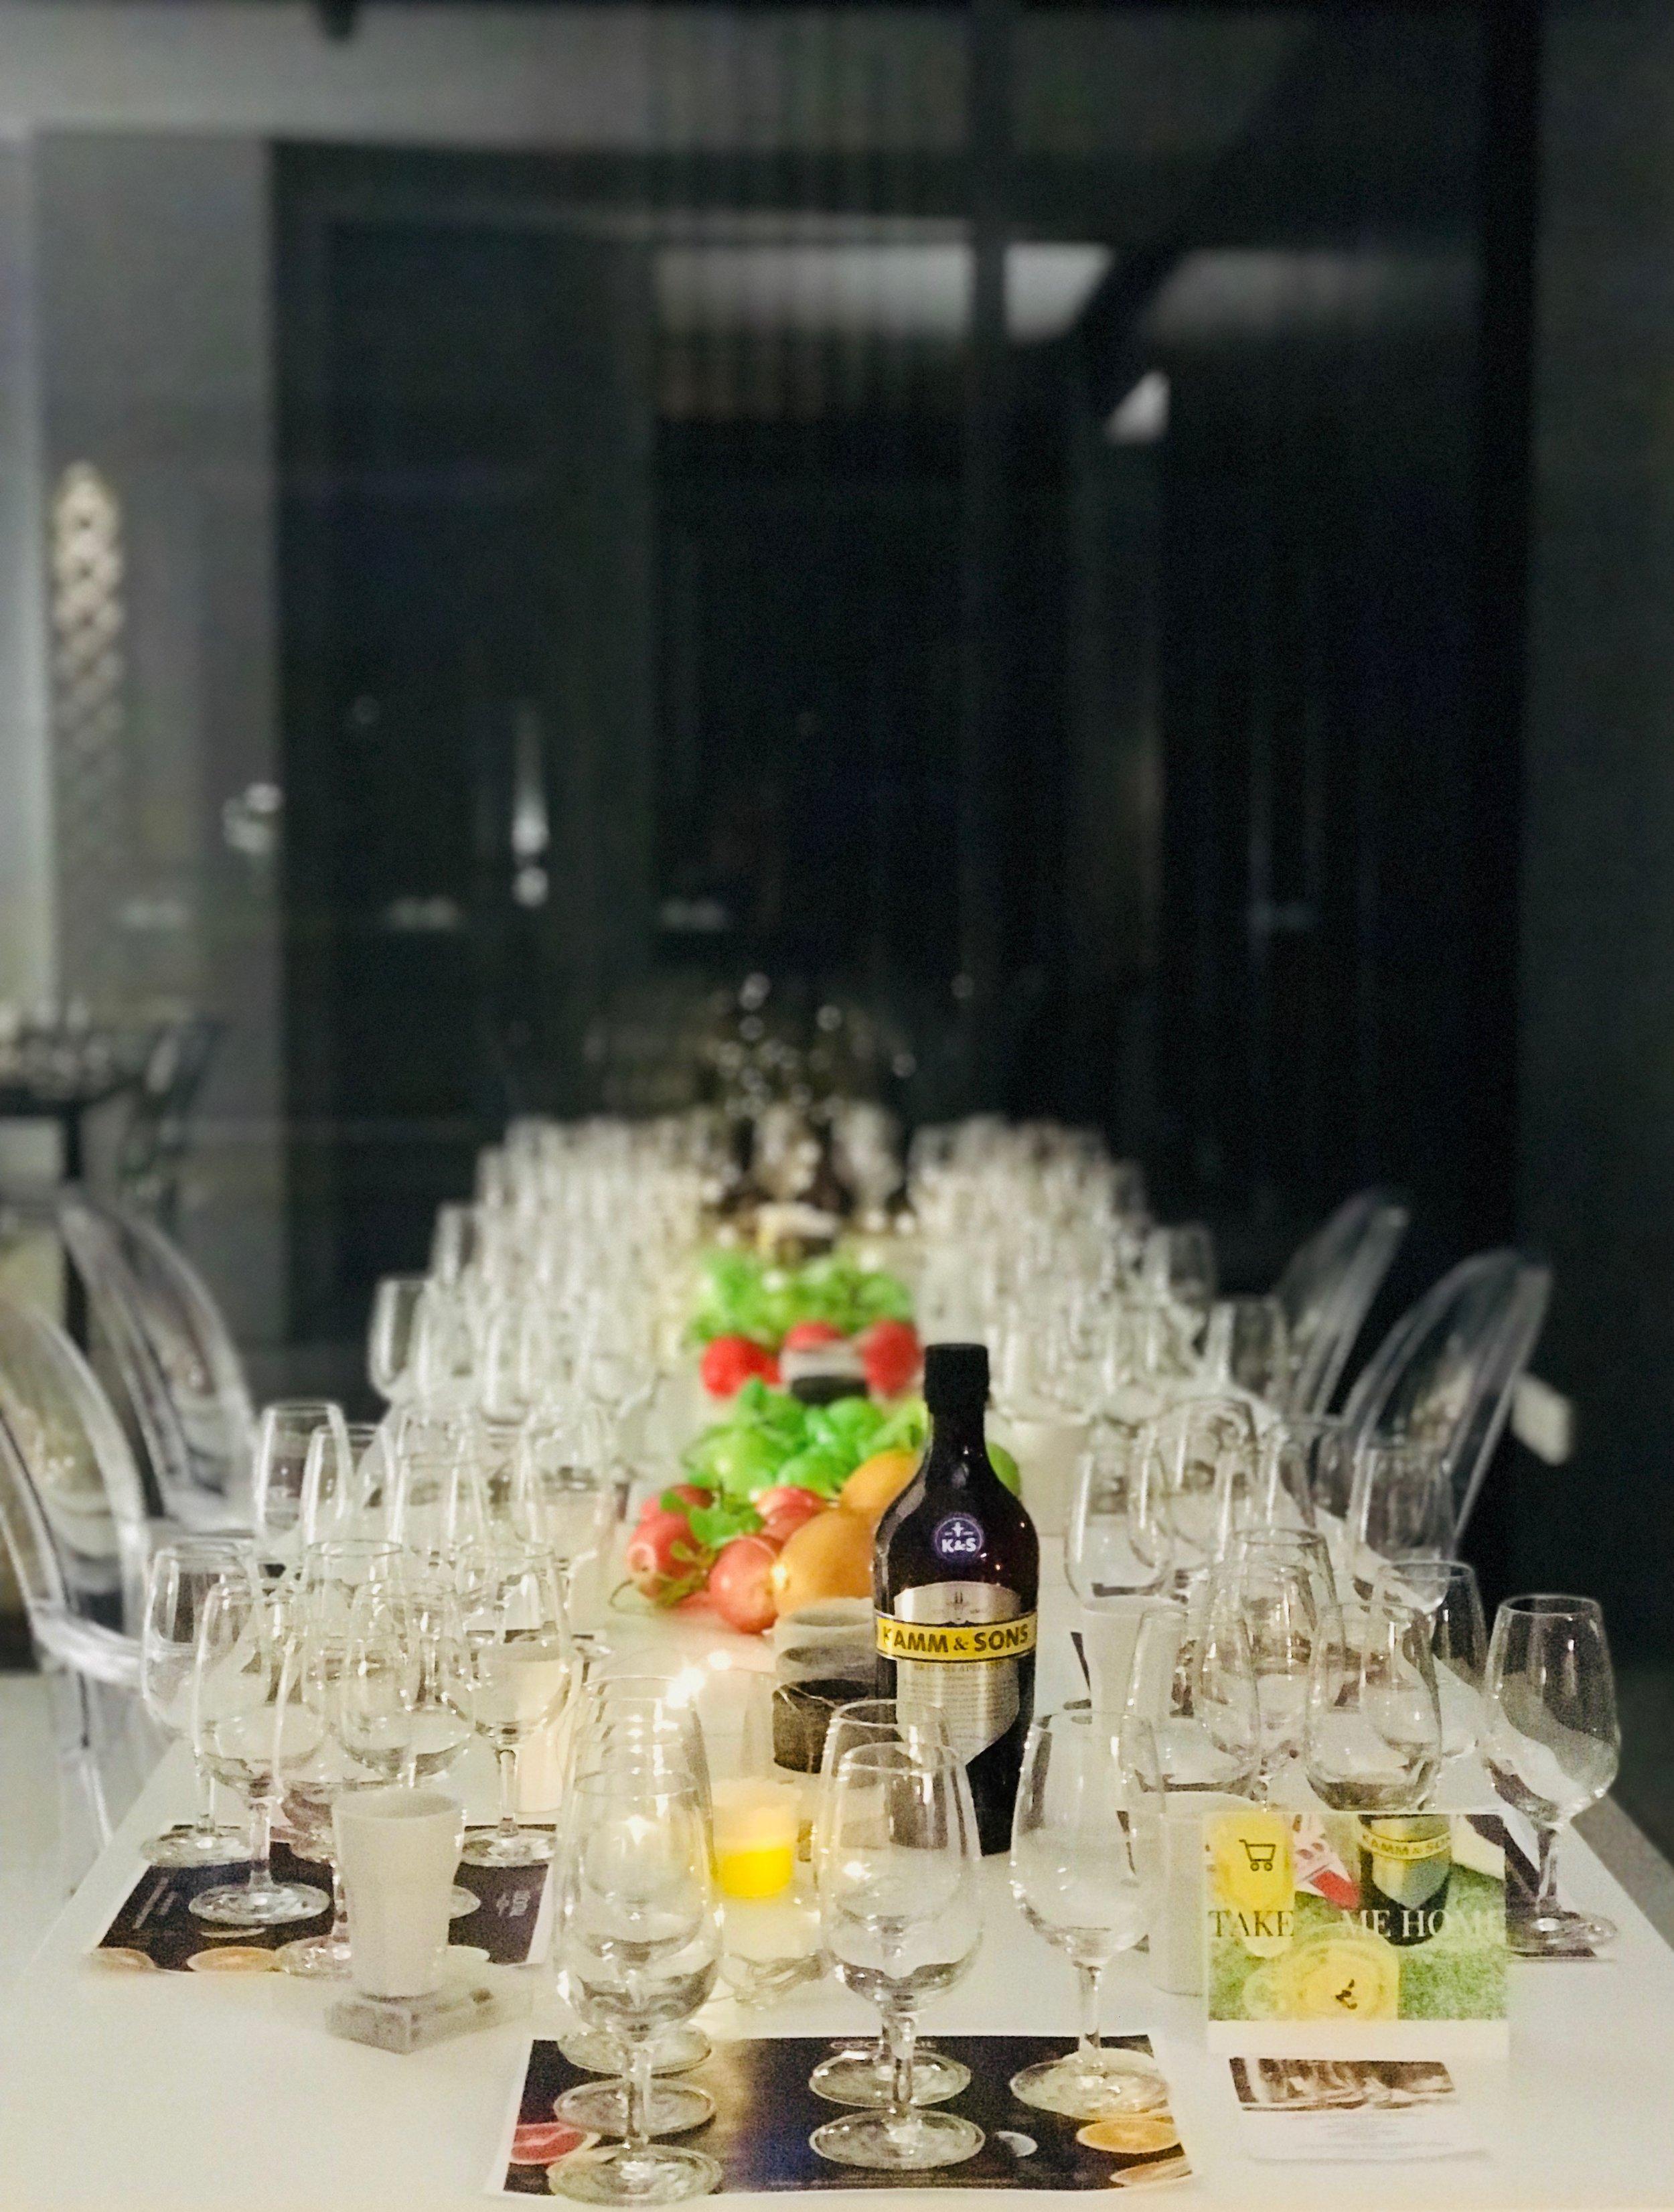 Kamm Aperitif Tasting set up